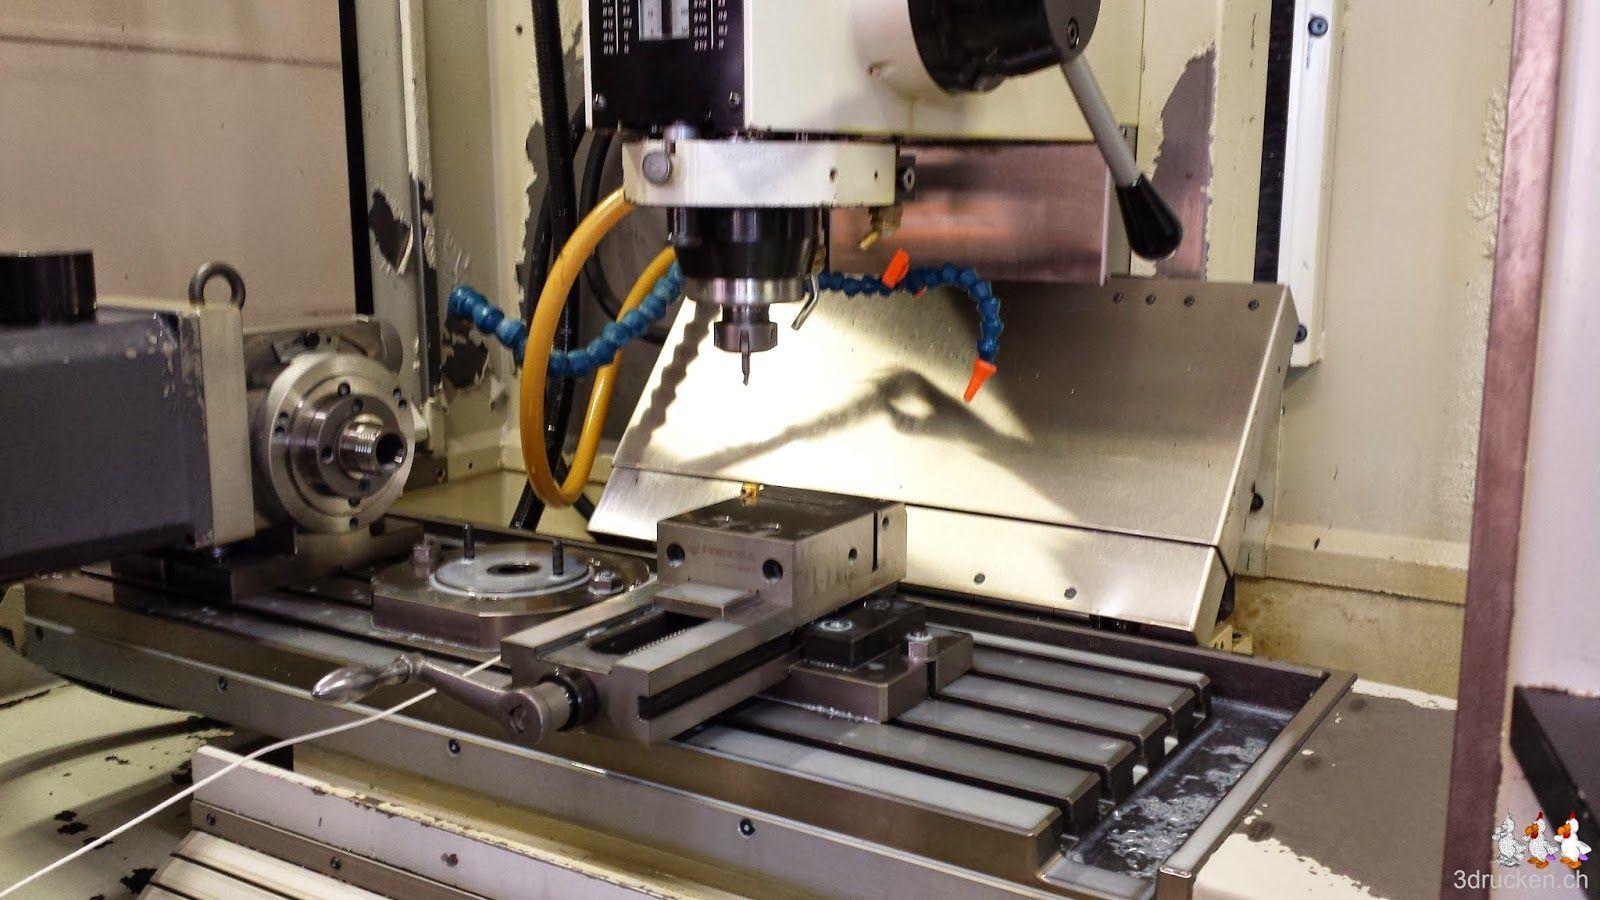 Foto einer Profimaschine von FiberOptic mit eingespannter Düse des Ultimaker 2